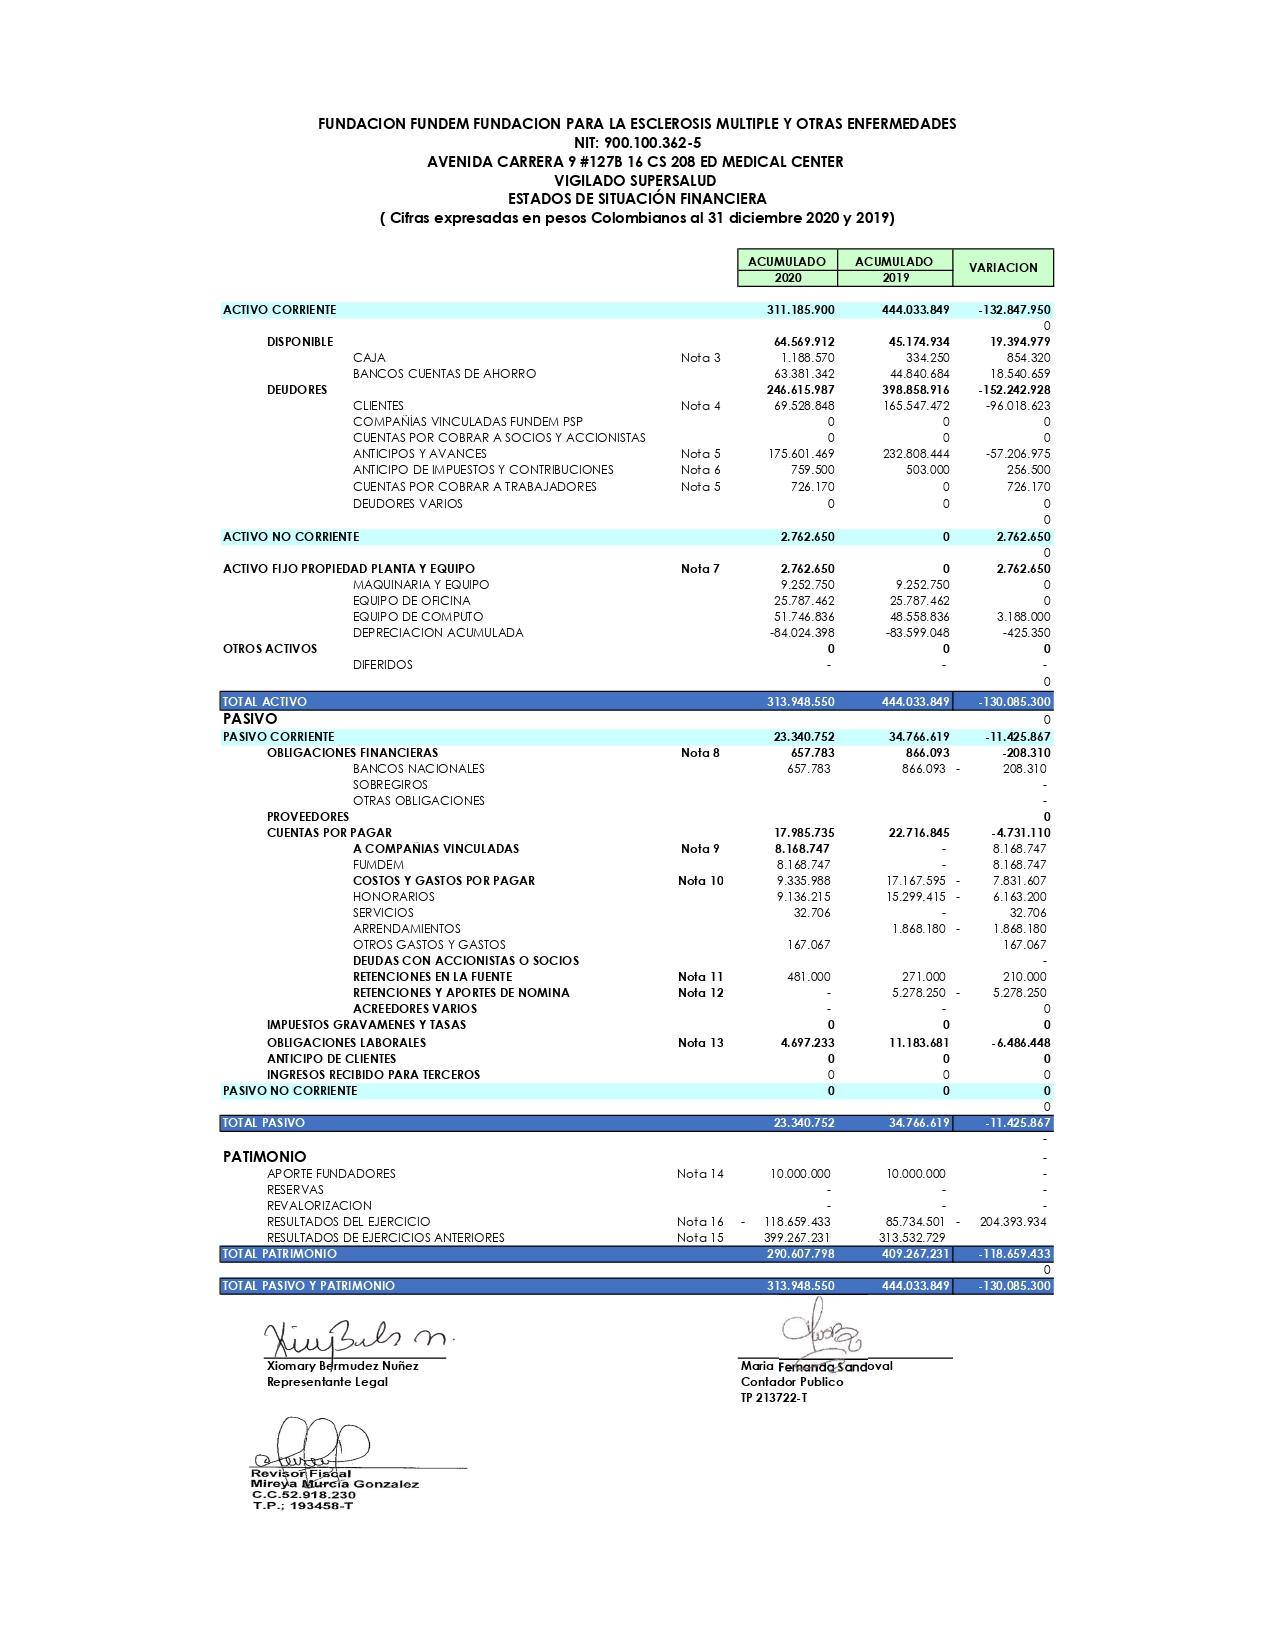 Estados Financieros Fundacion Fundem 2020_page-0002